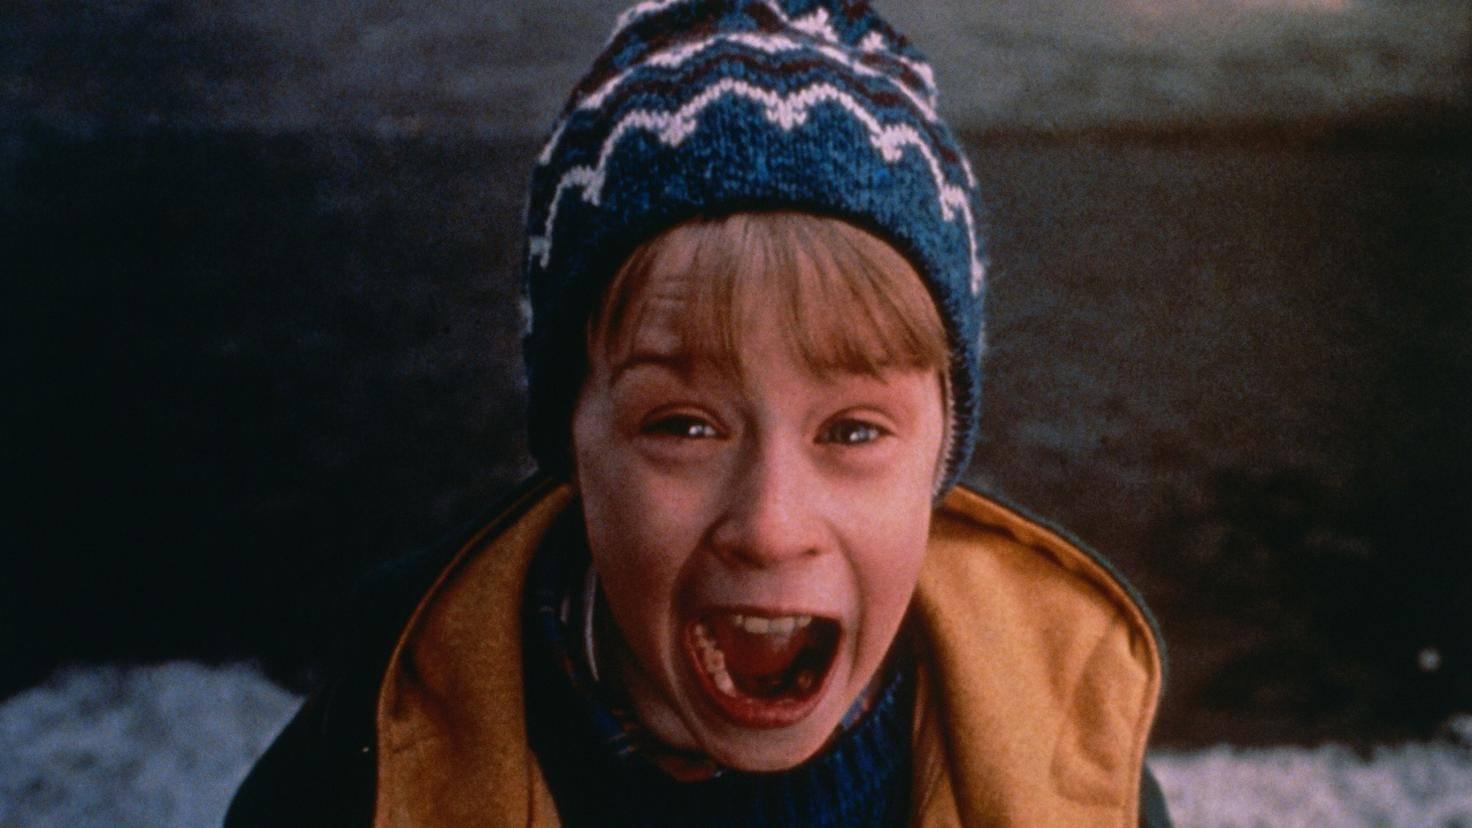 Der zur Zeit der Produktion 15-jährige Macaulay Culkin stand ebenfalls als möglicher Jack Dawson auf der Liste.